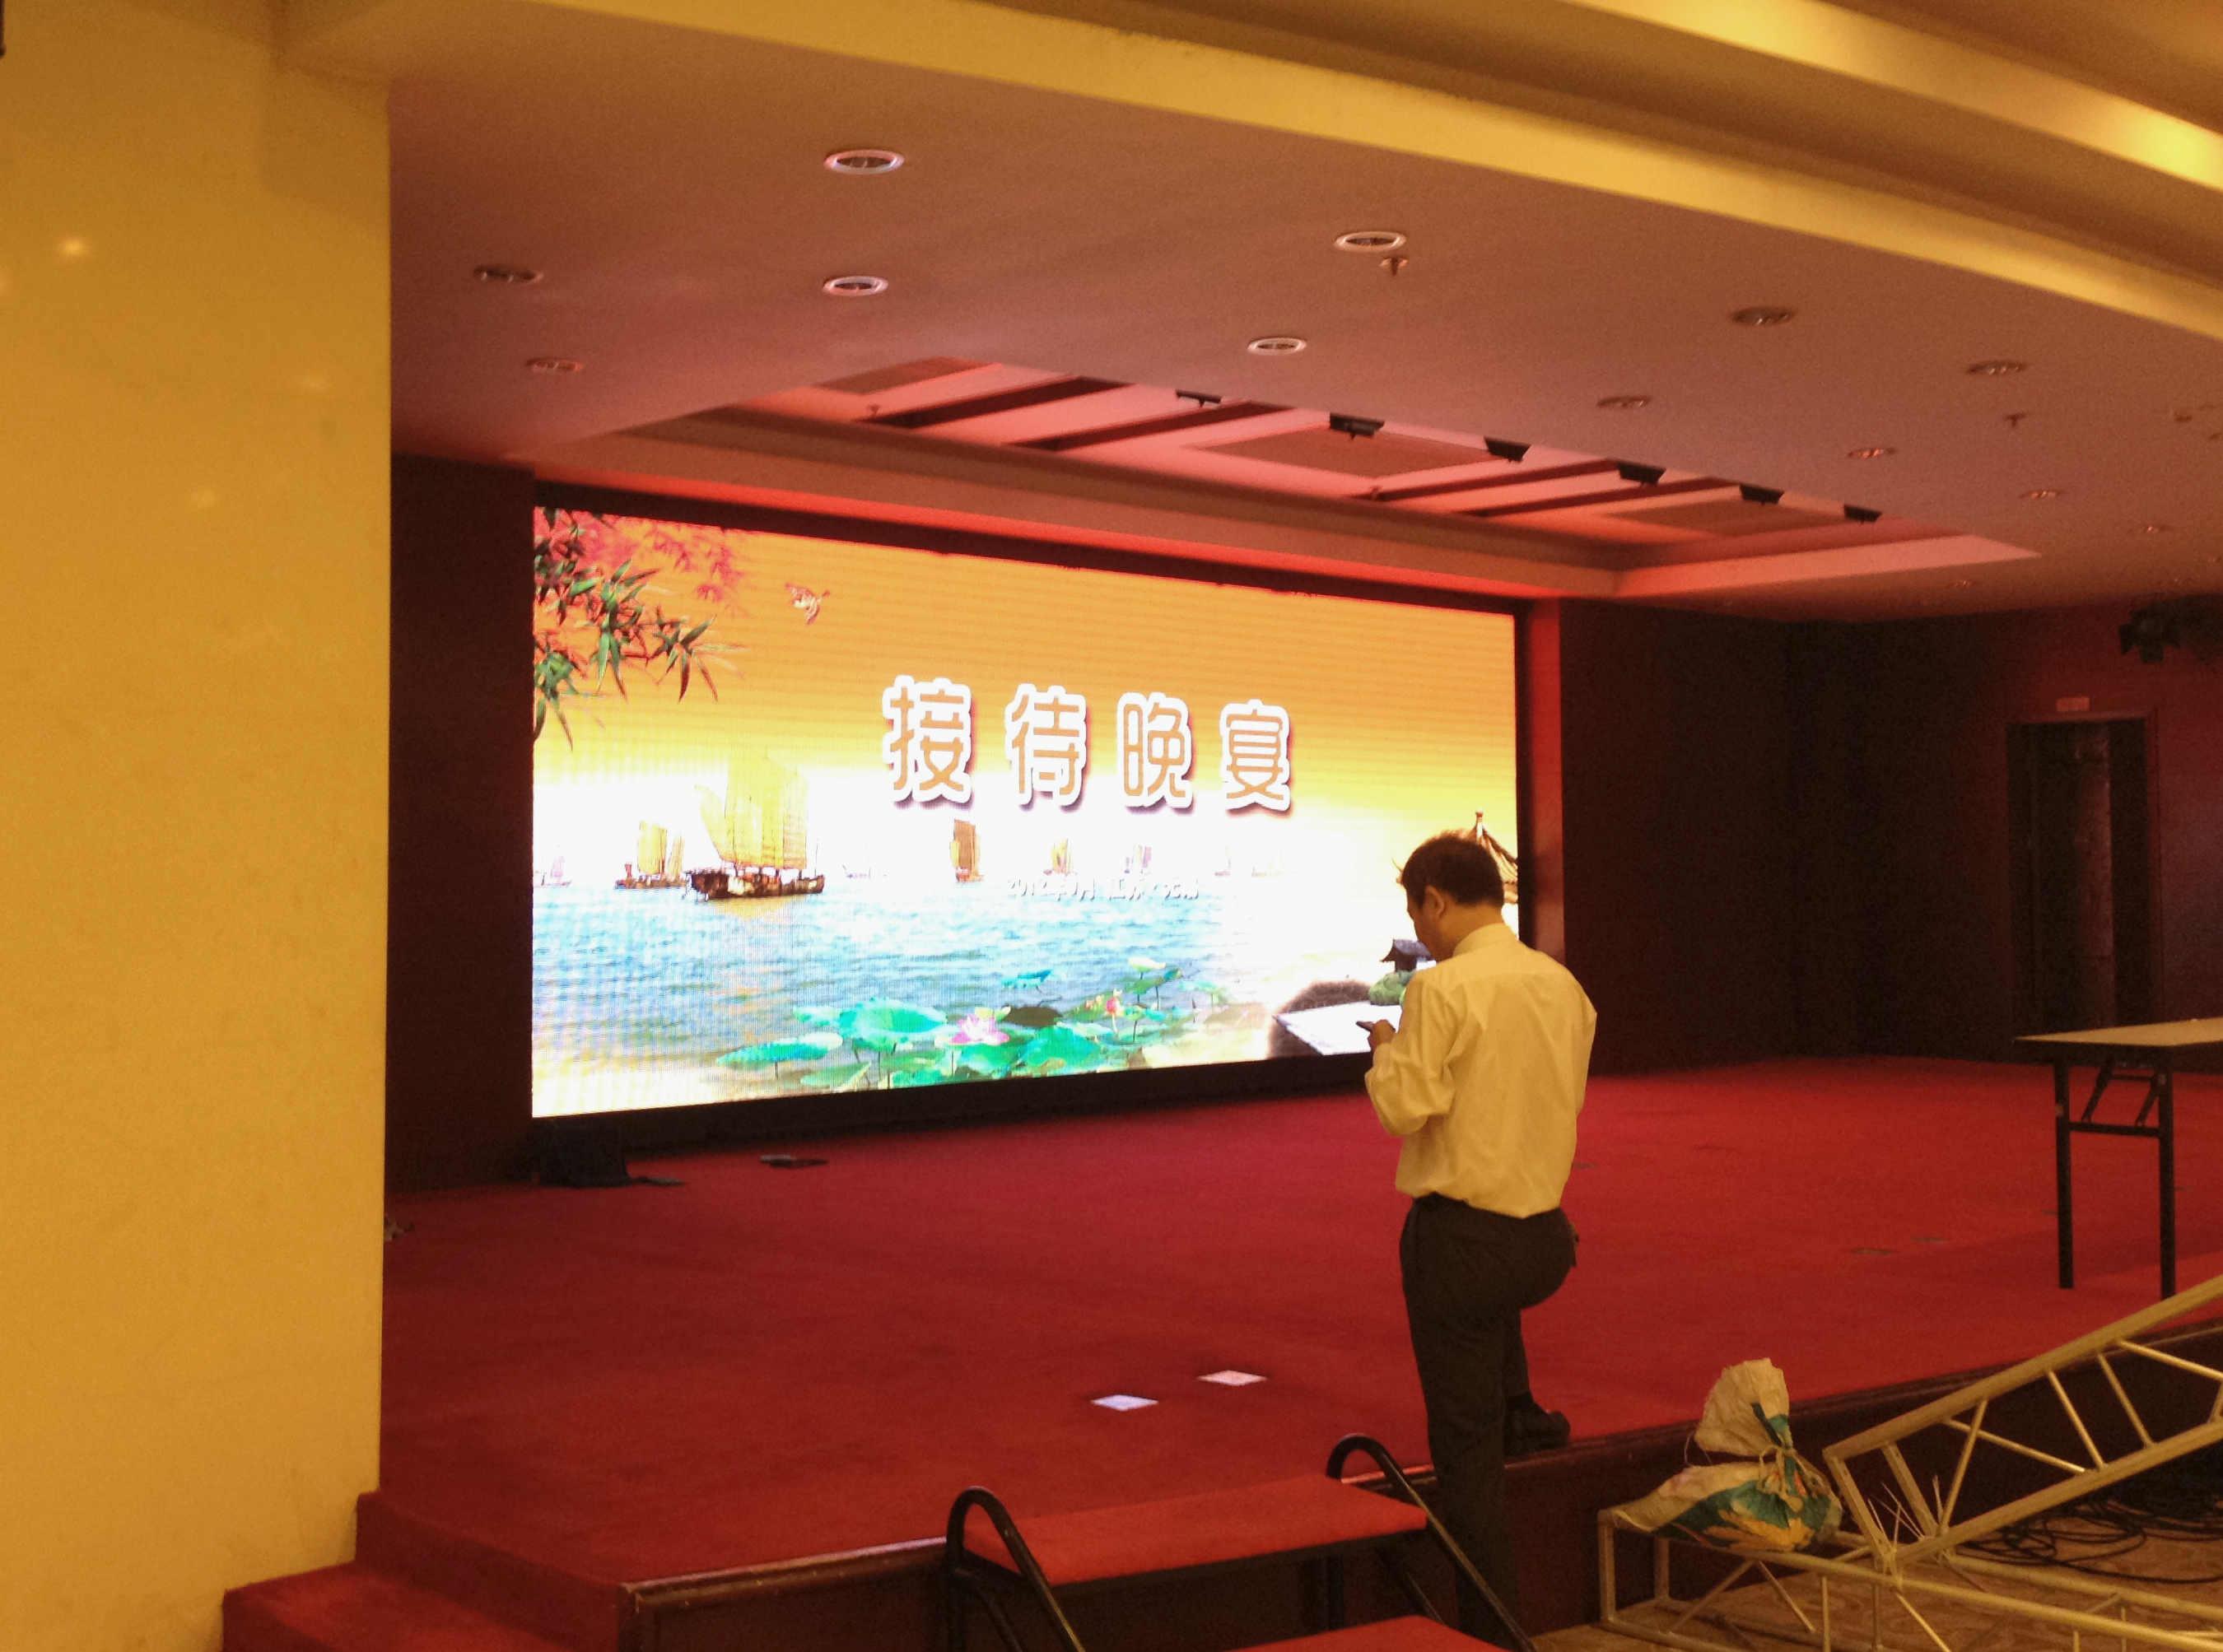 无锡华美达酒店P5全彩LED显示屏